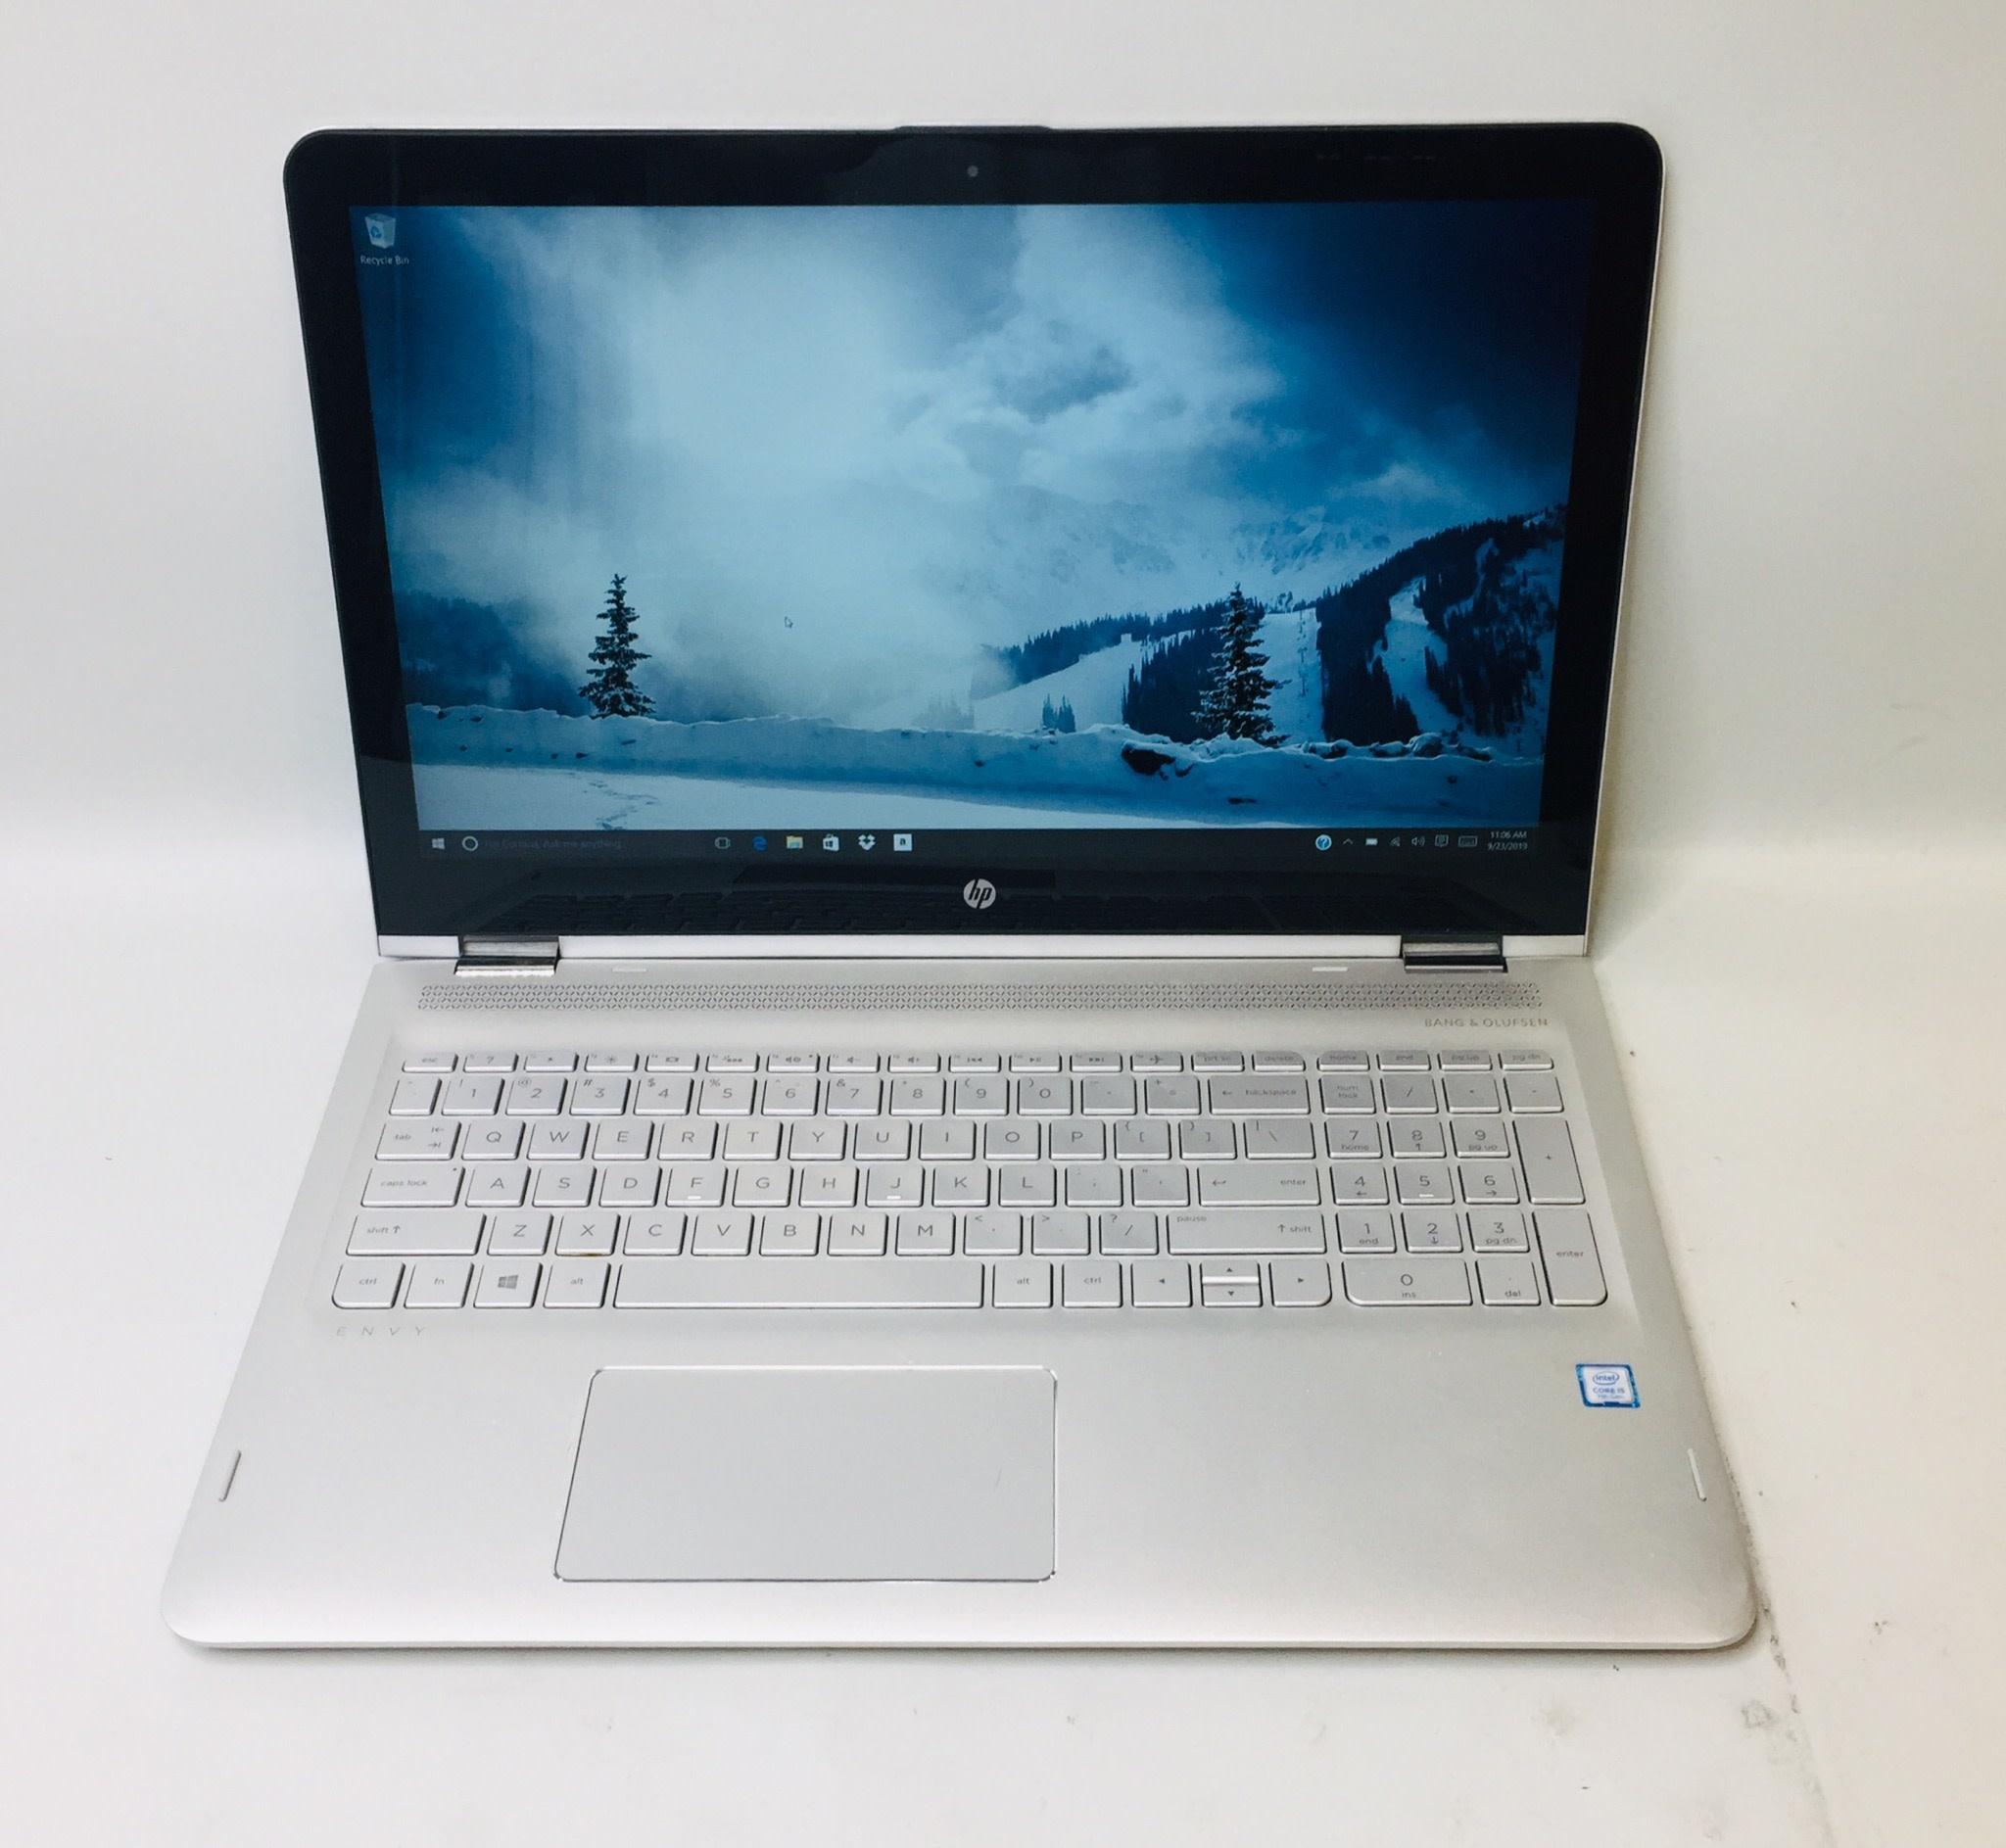 HP ENVY X360 Touchscreen 2-in-1 Laptop  - i5 2.5GHz - 12GB - 1TB HD - Windows 10 M6-AQ103DX